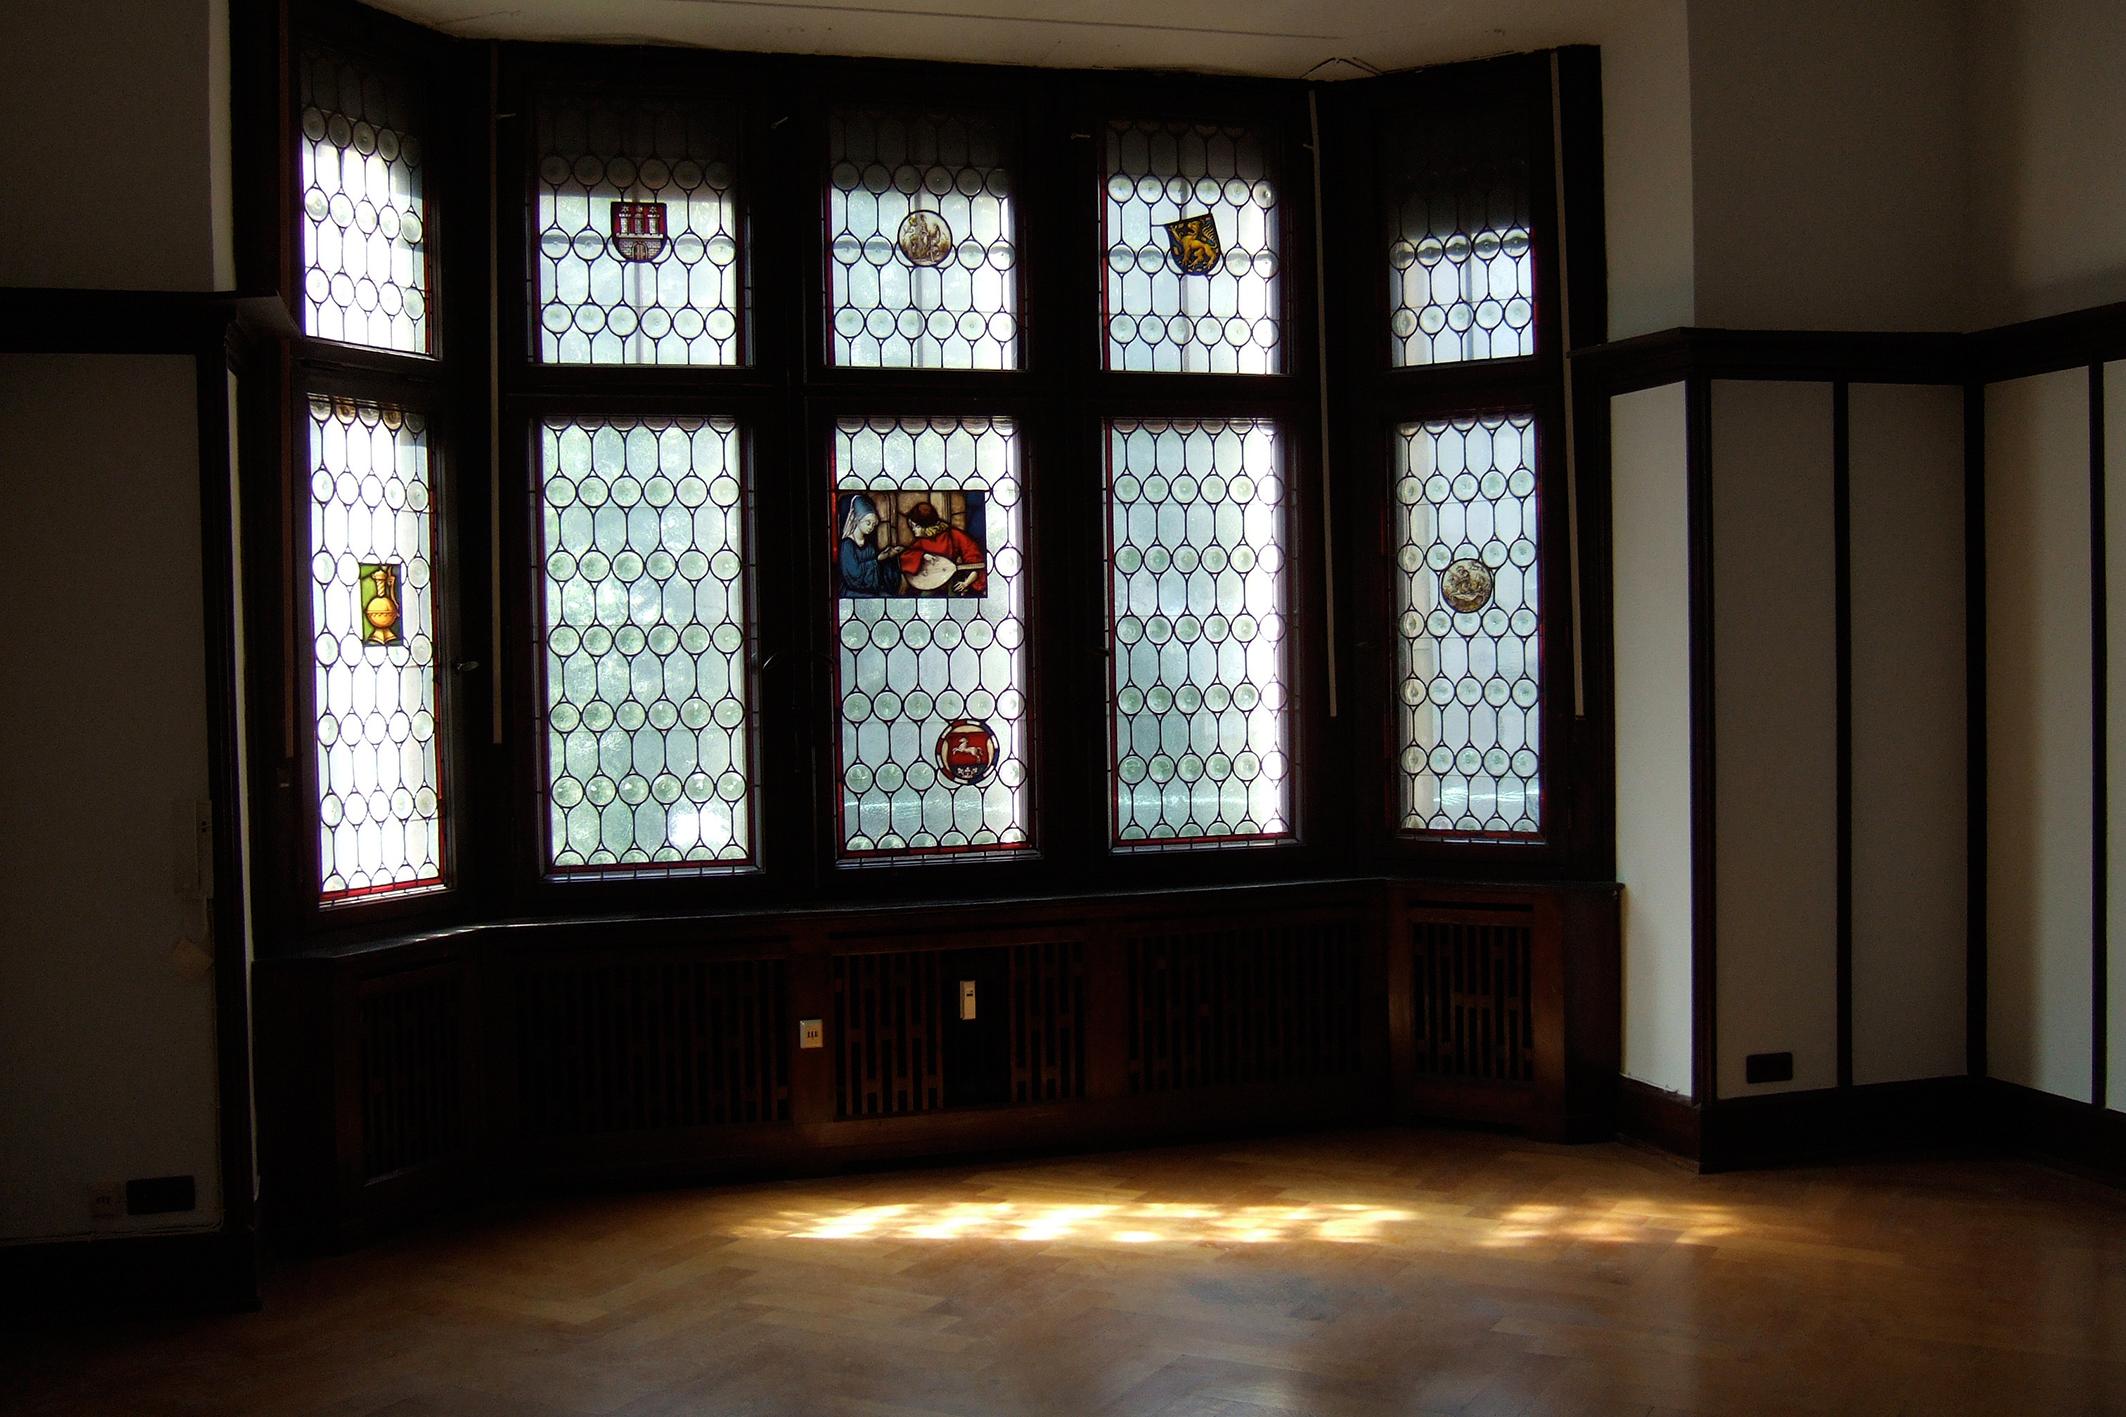 In der ehemaligen Praxis Pagenstecher, Taunusstraße 63 (2007)